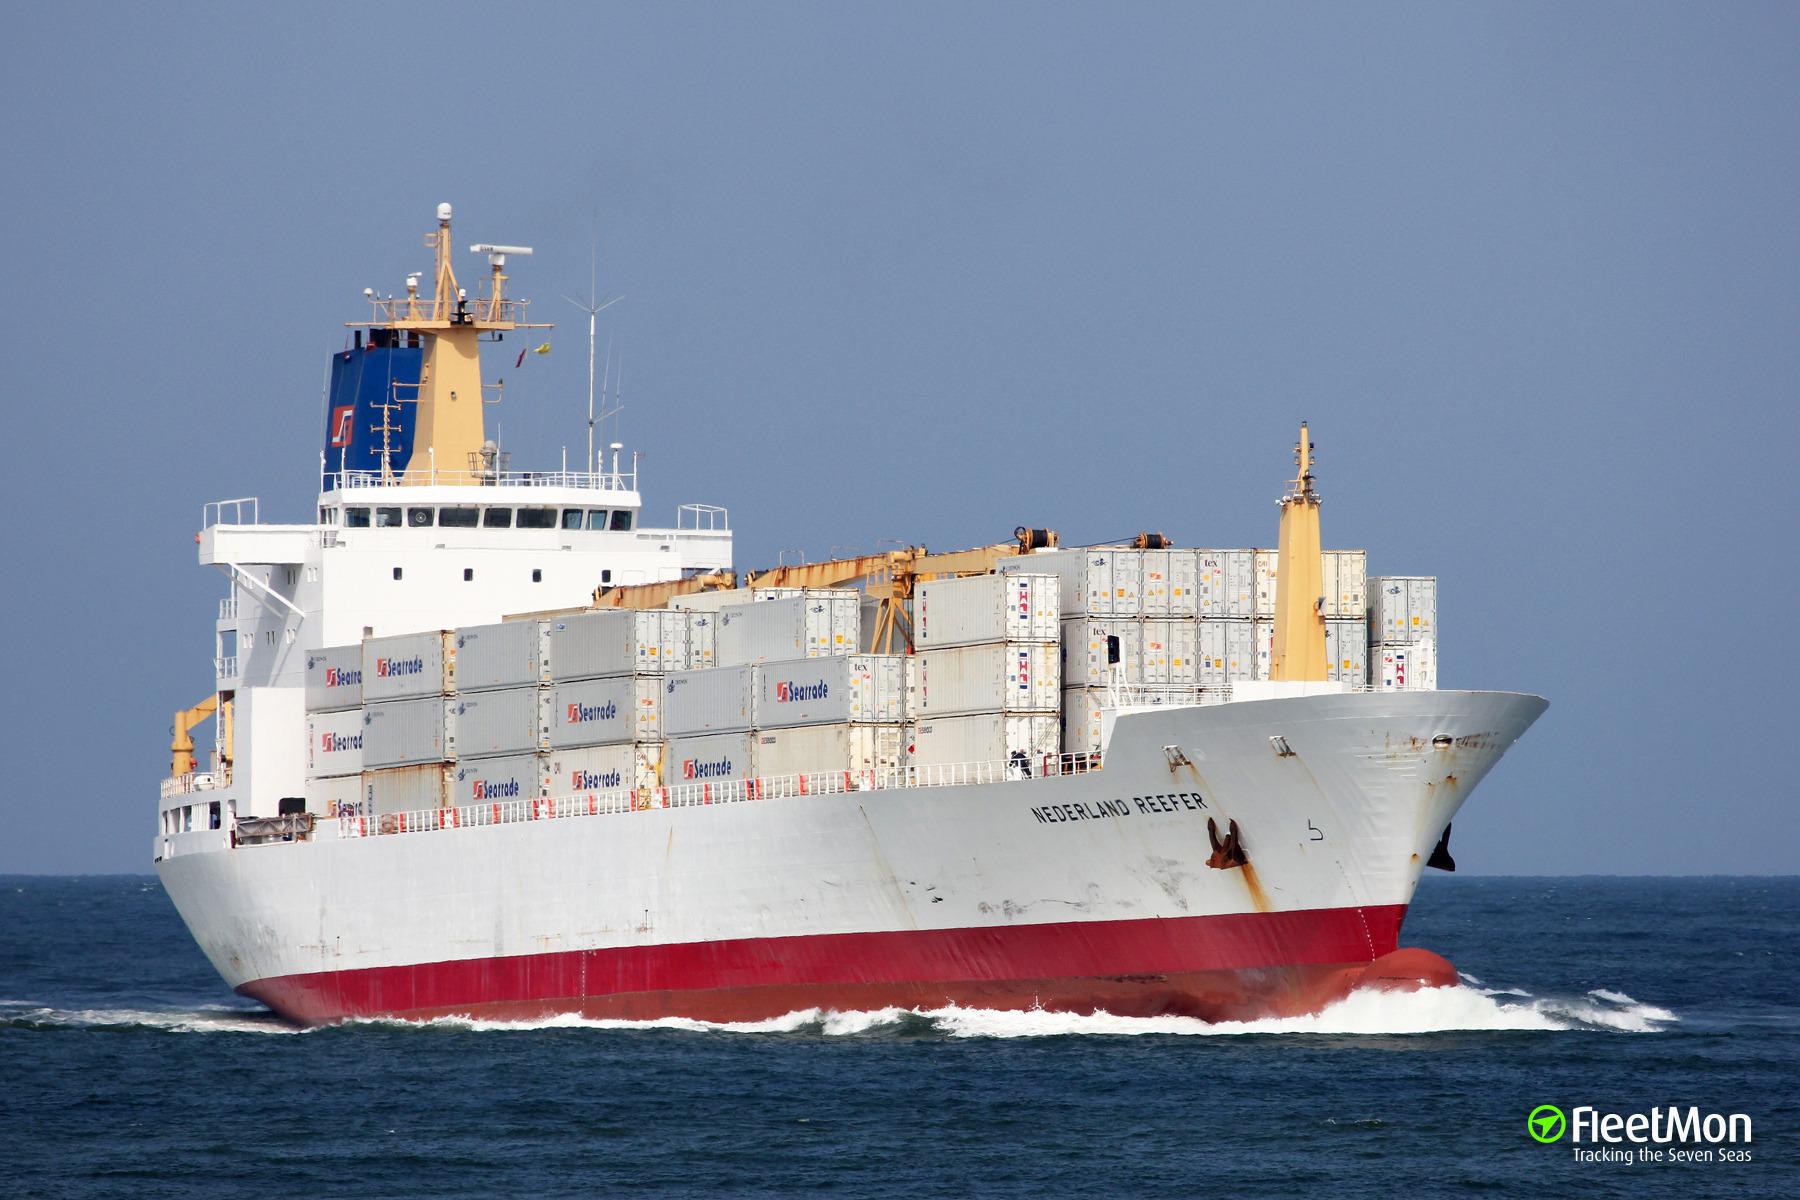 самые большие судна рефрижераторы в мире фото которой будет